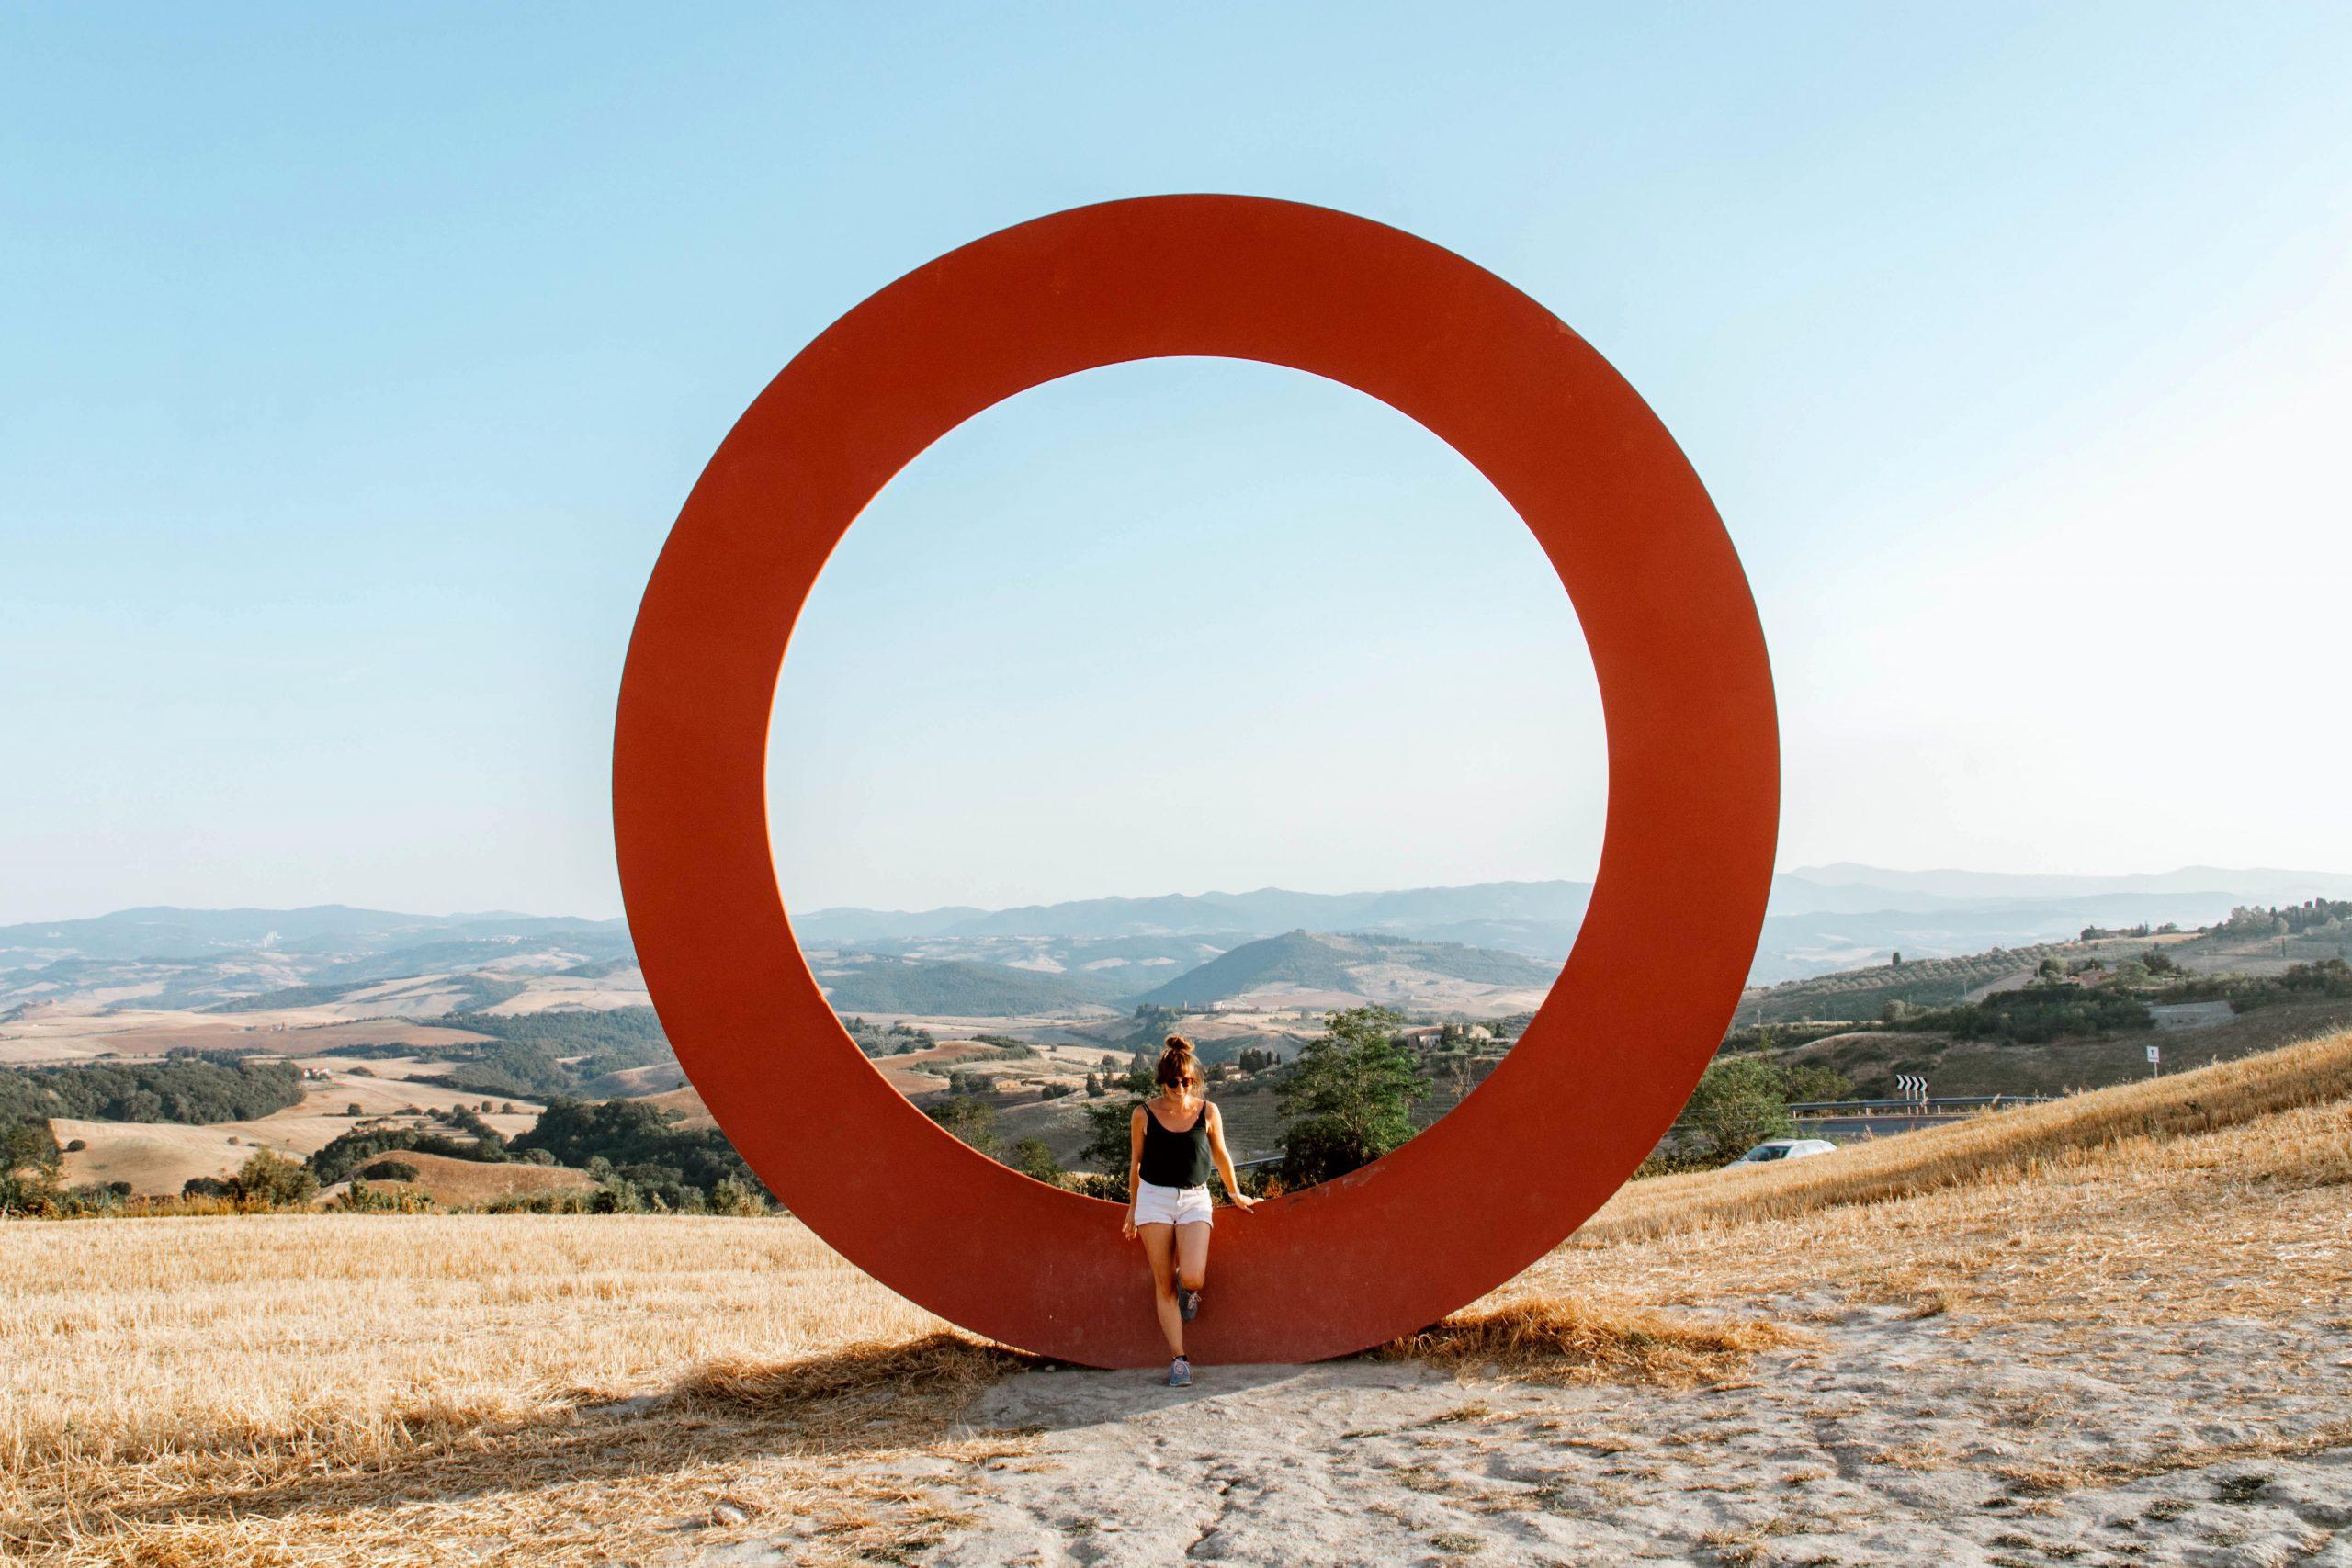 O Italië, O Toscane: een rondreis van 10 dagen